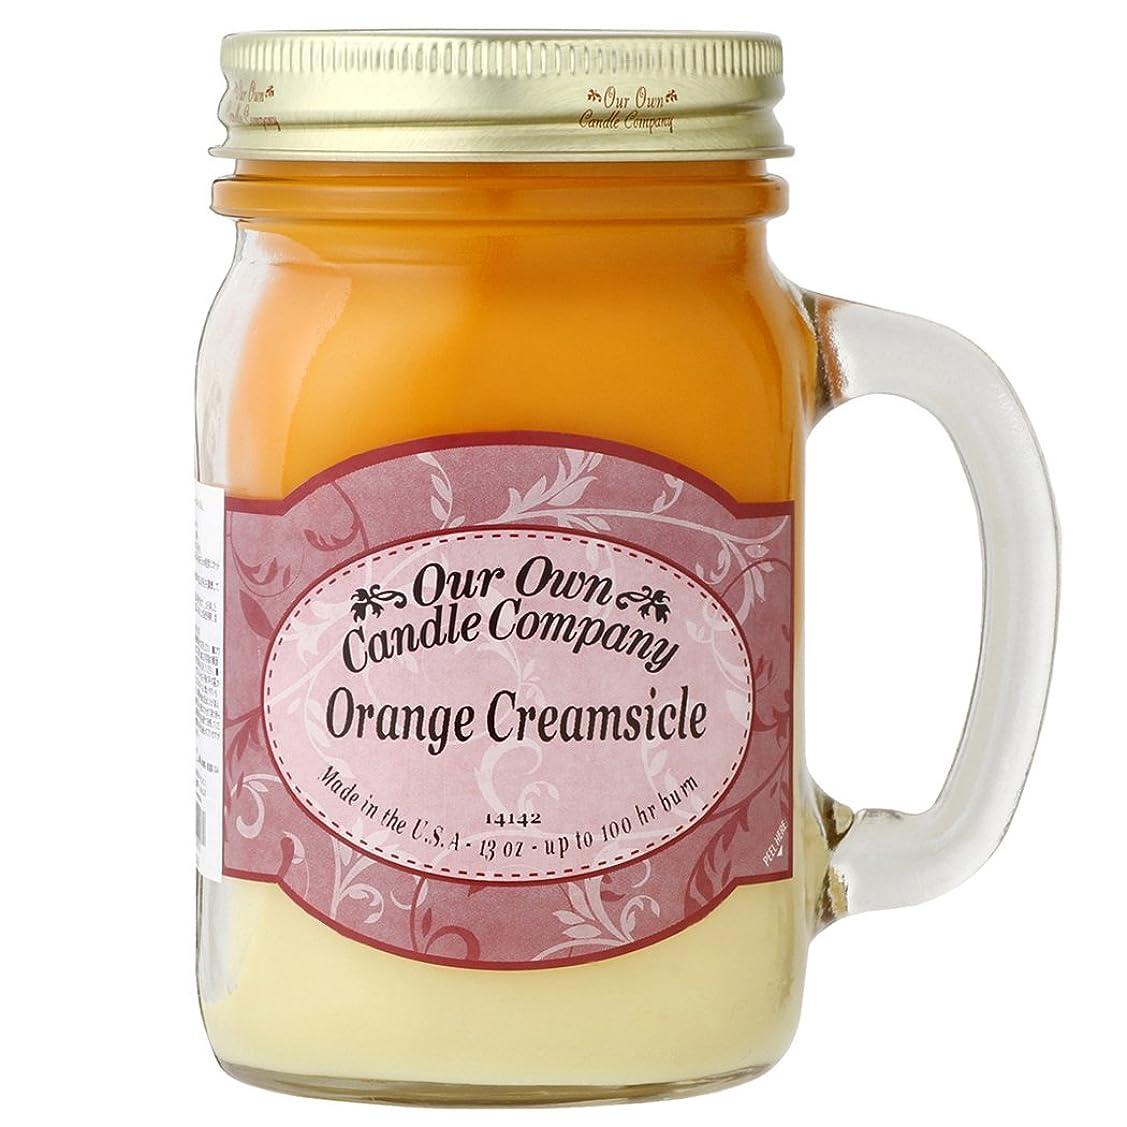 マラソン敬ななすOur Own Candle Company メイソンジャーキャンドル ラージサイズ オレンジクリームシルク OU100085